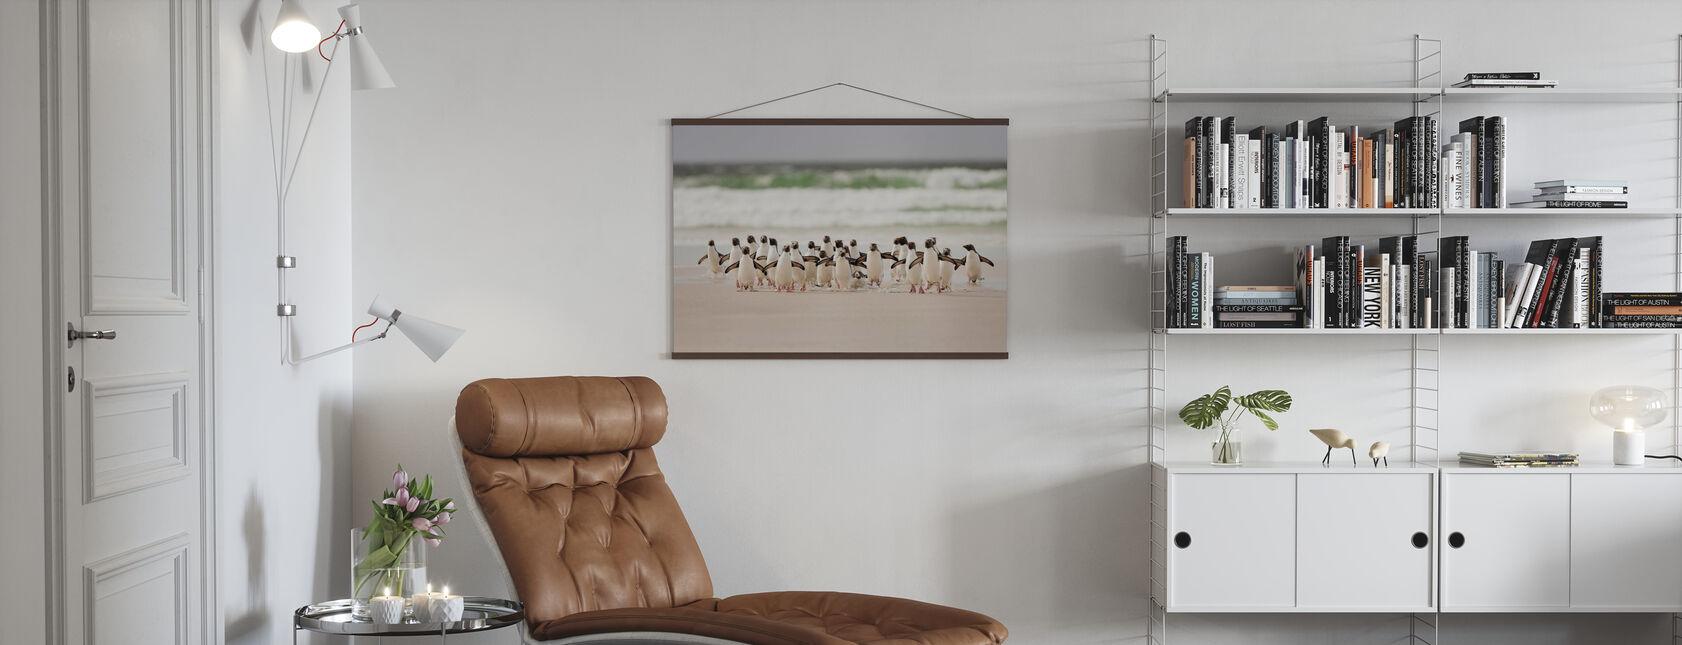 Landing - Poster - Living Room